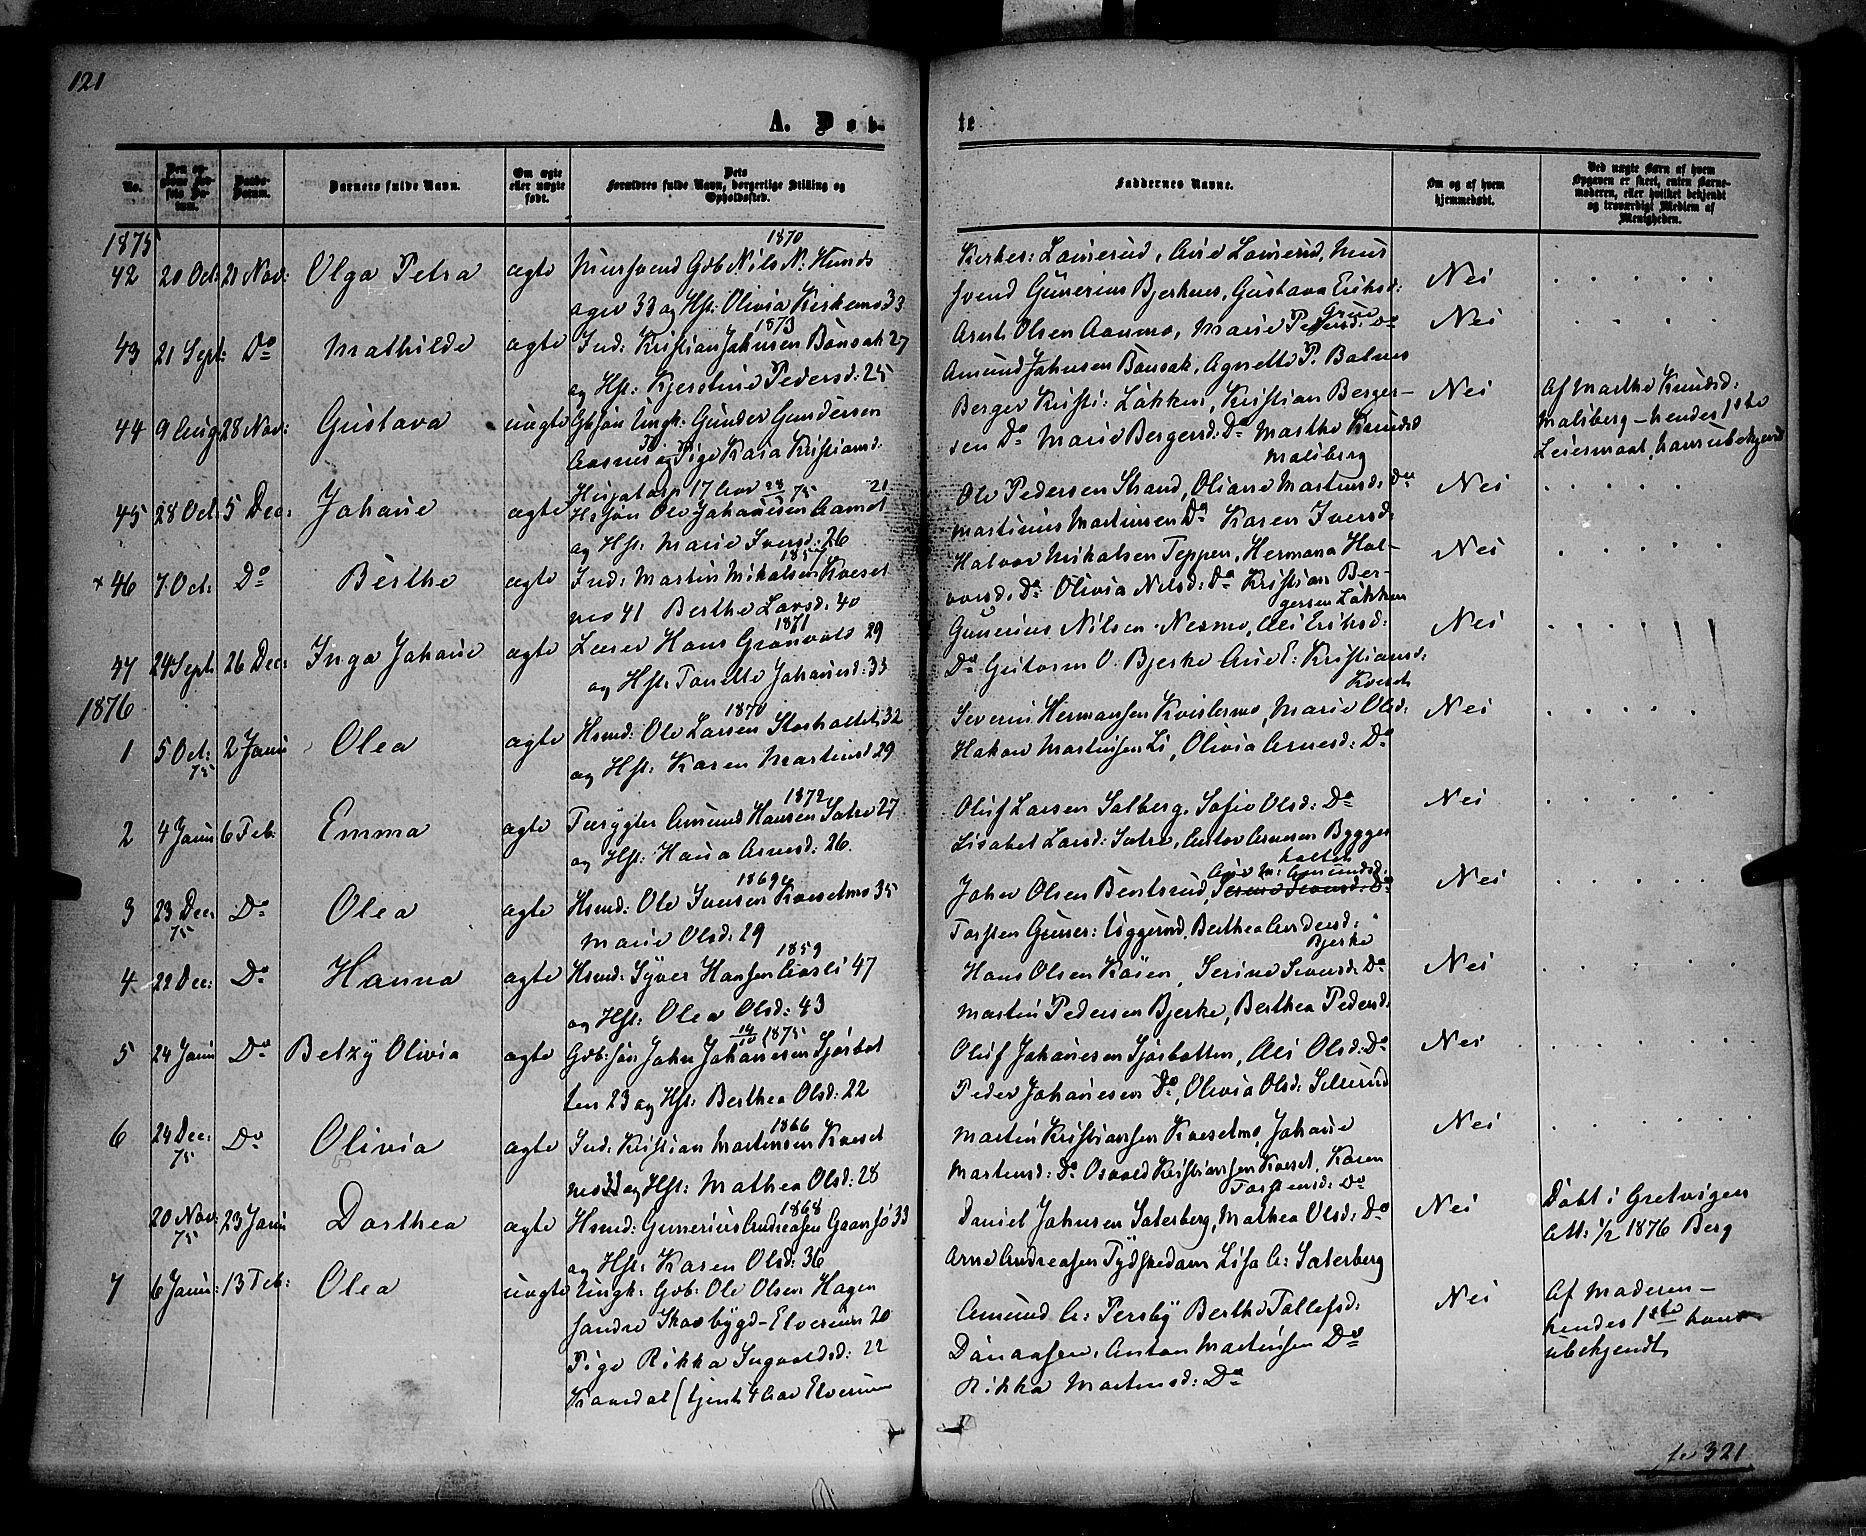 SAH, Hof prestekontor, Ministerialbok nr. 9, 1862-1877, s. 121